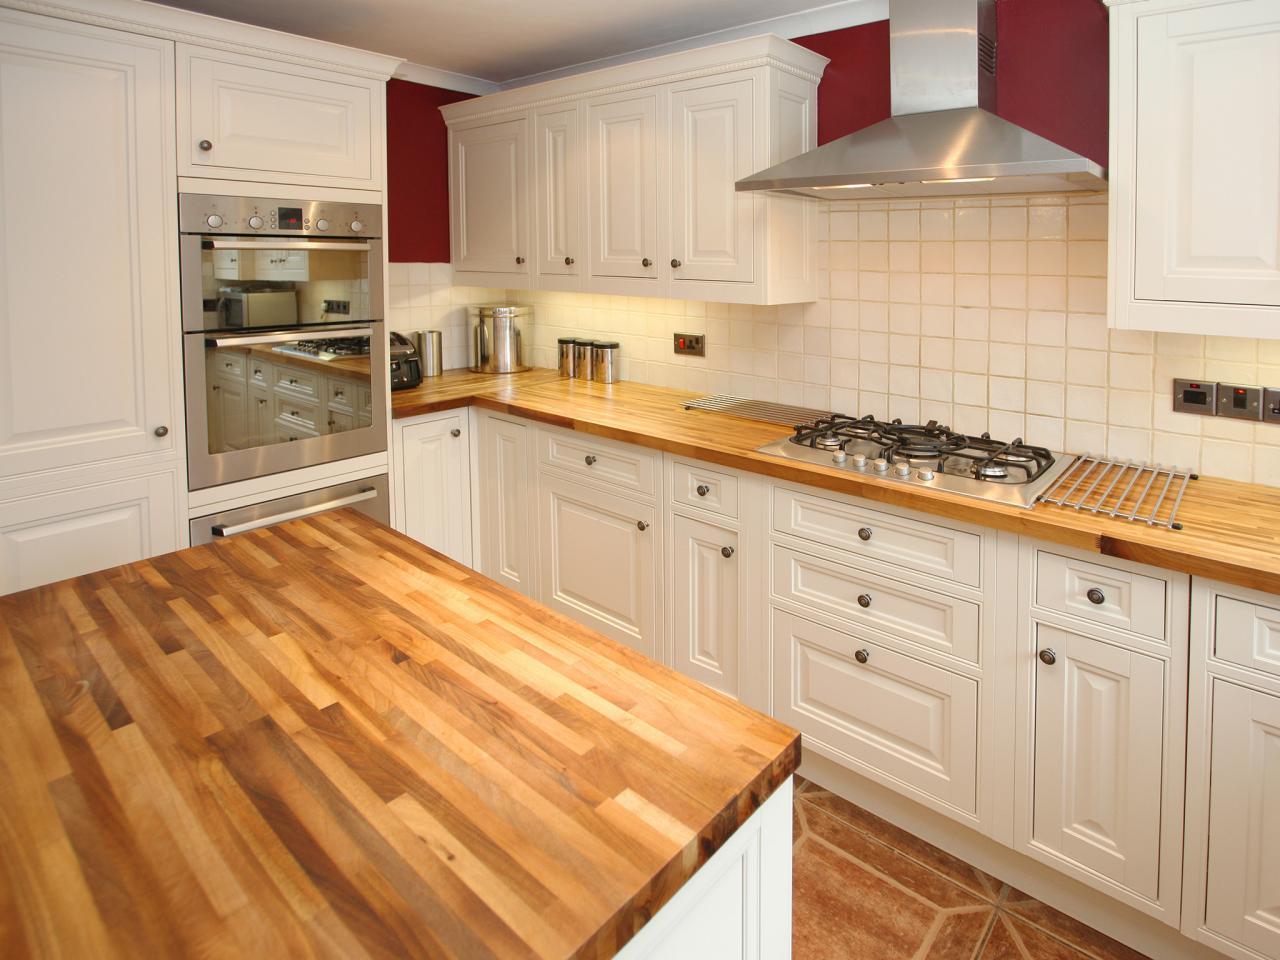 Деревянные кухонные столешницы в светлых тонах - фото 1